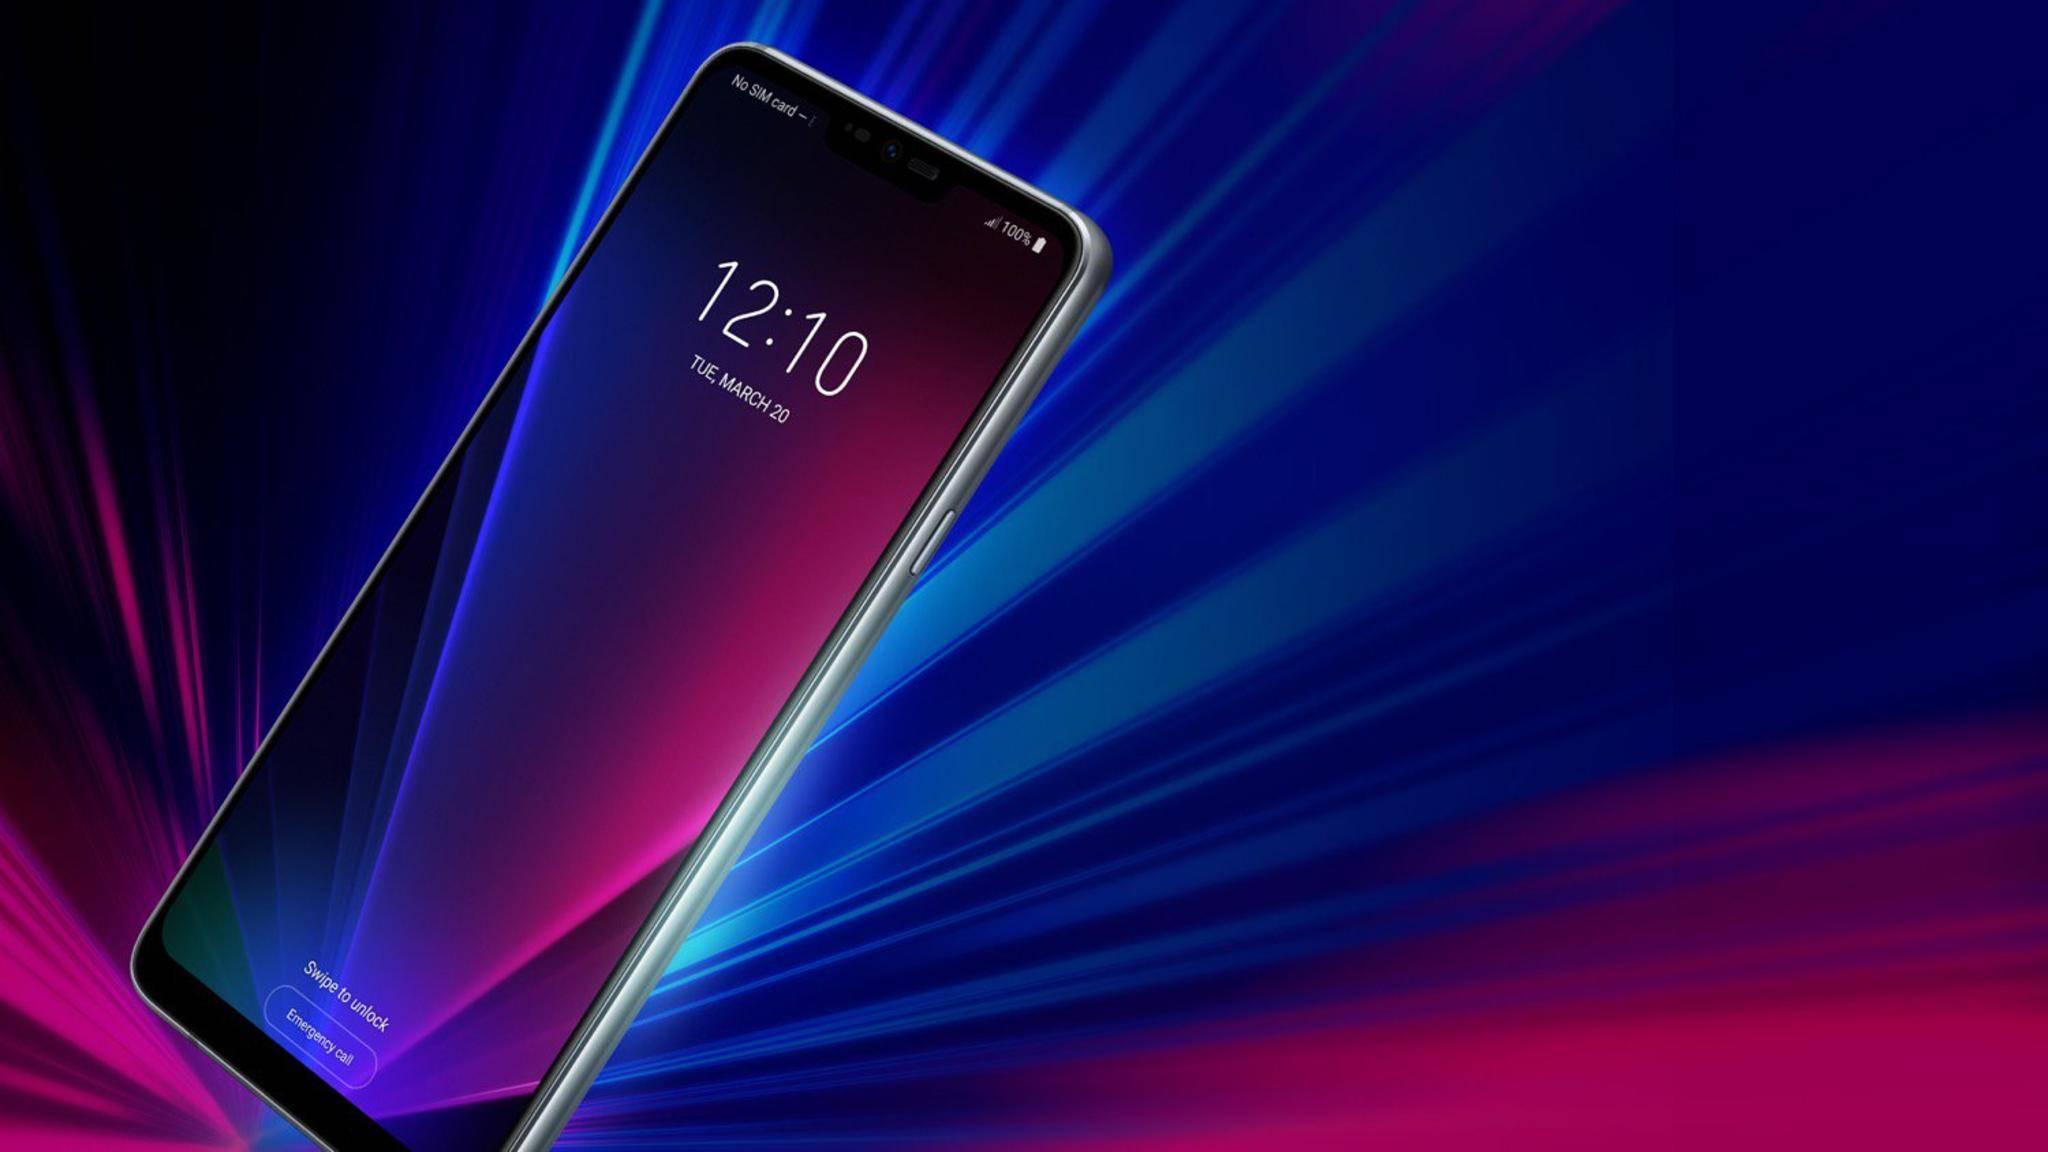 Das LG G7 ThinQ hat sich wohl die Displaykerbe vom iPhone X abgeschaut.